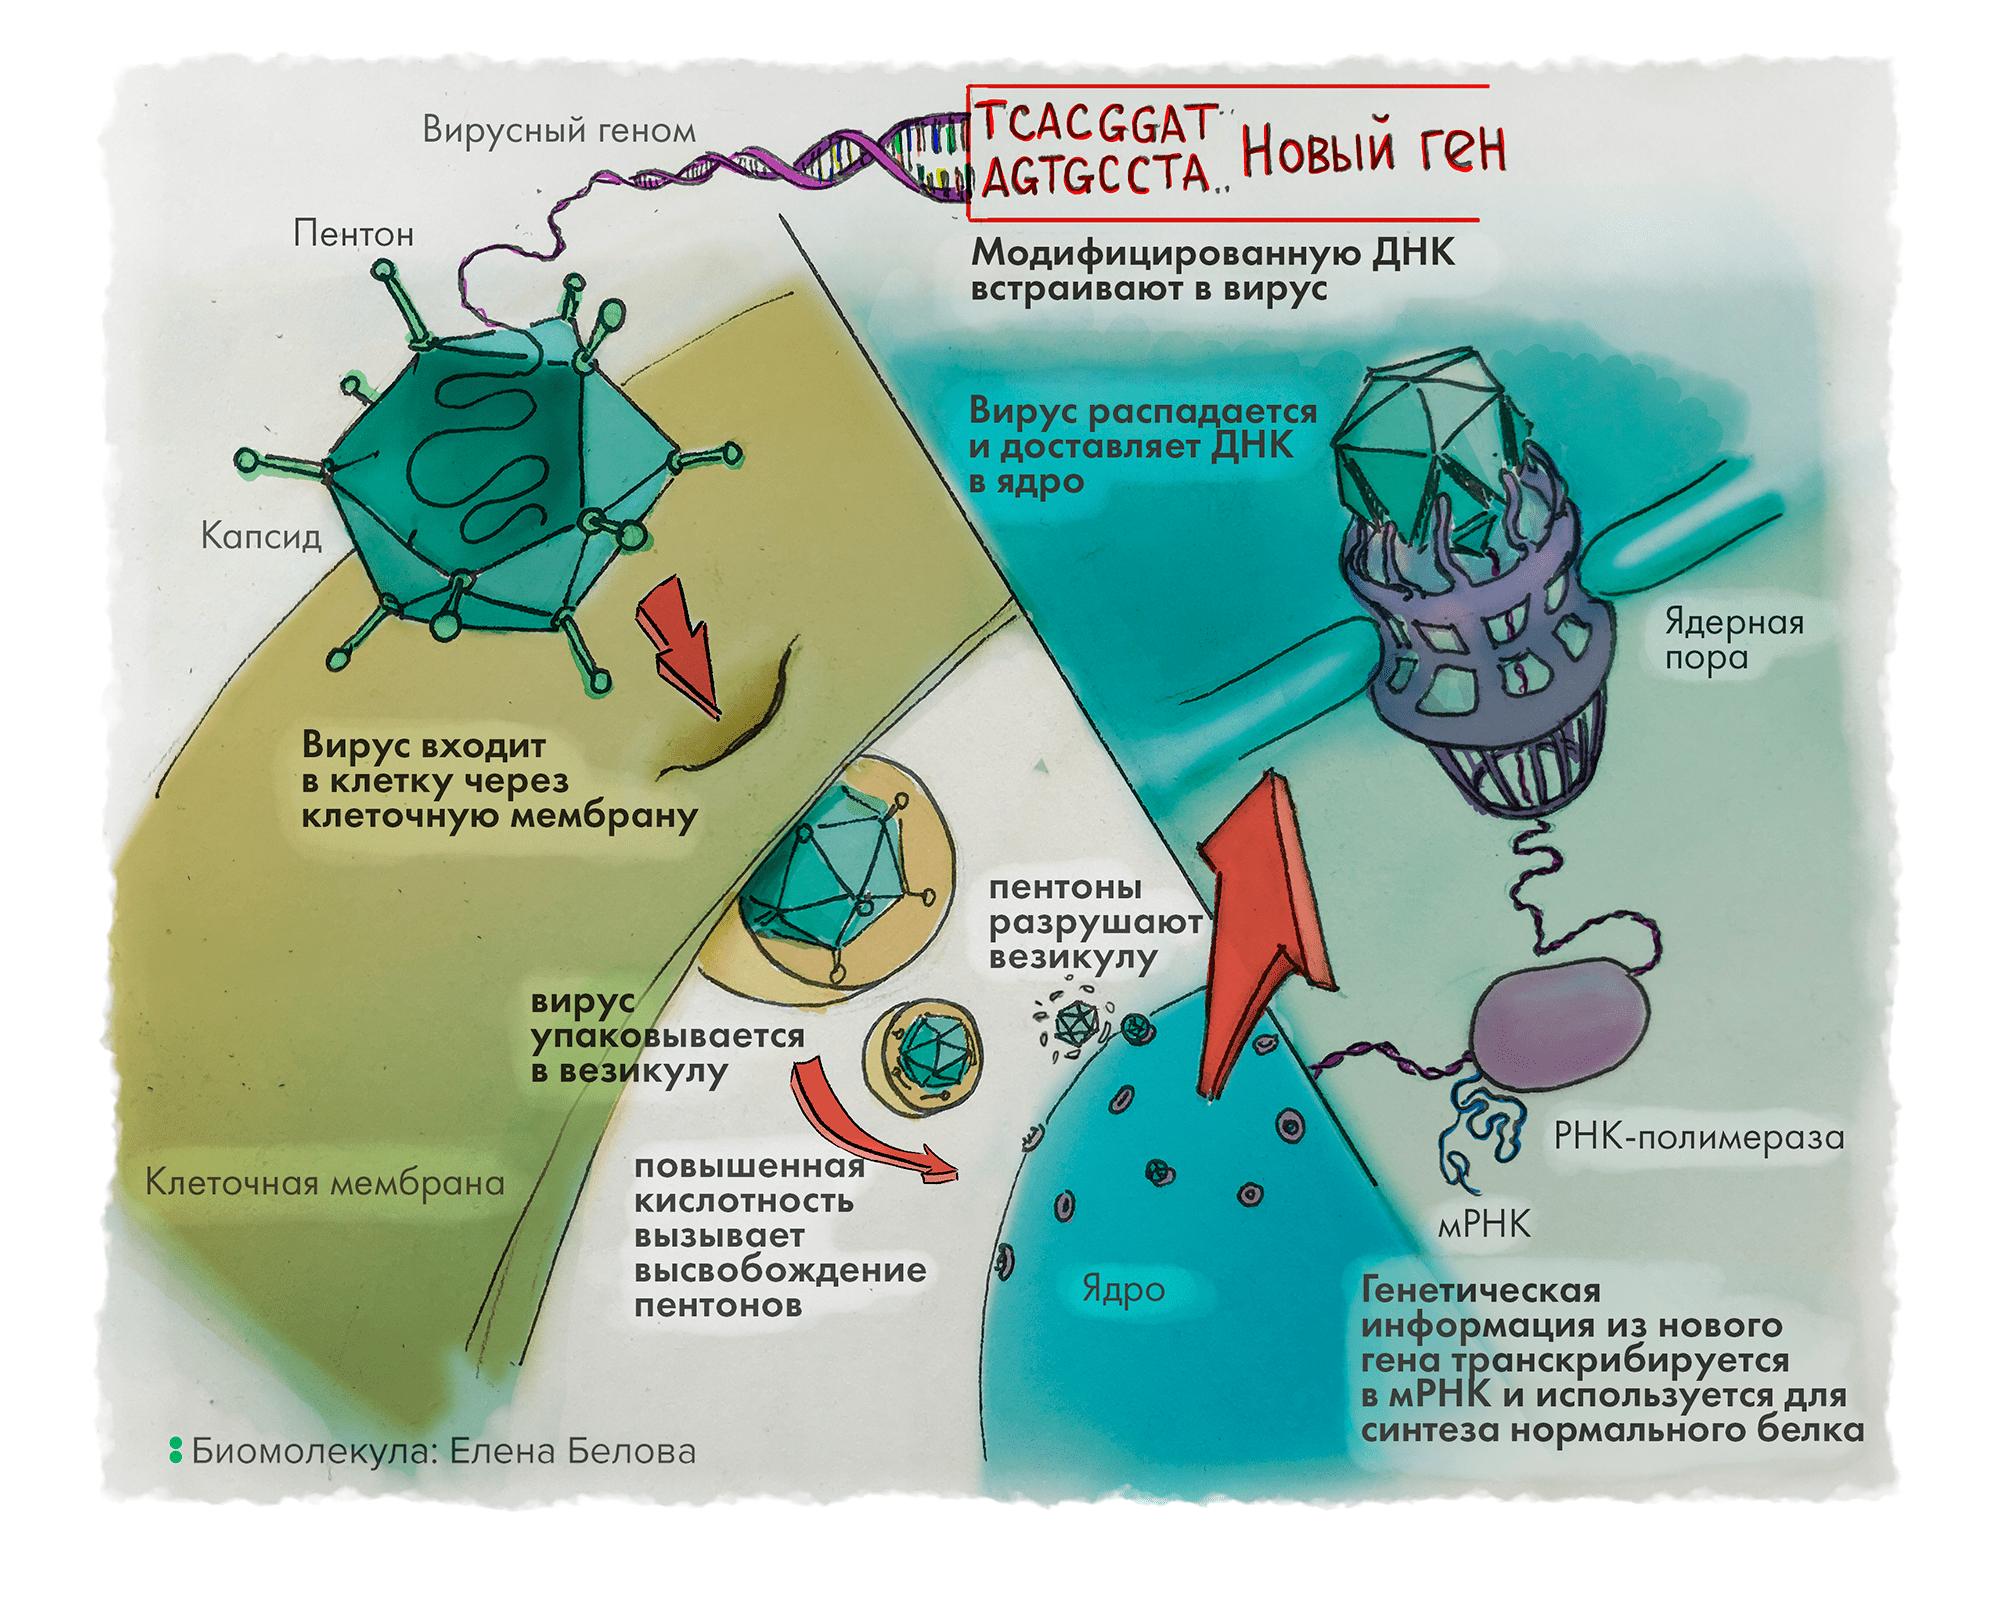 Генная терапия с использованием аденовирусного вектора